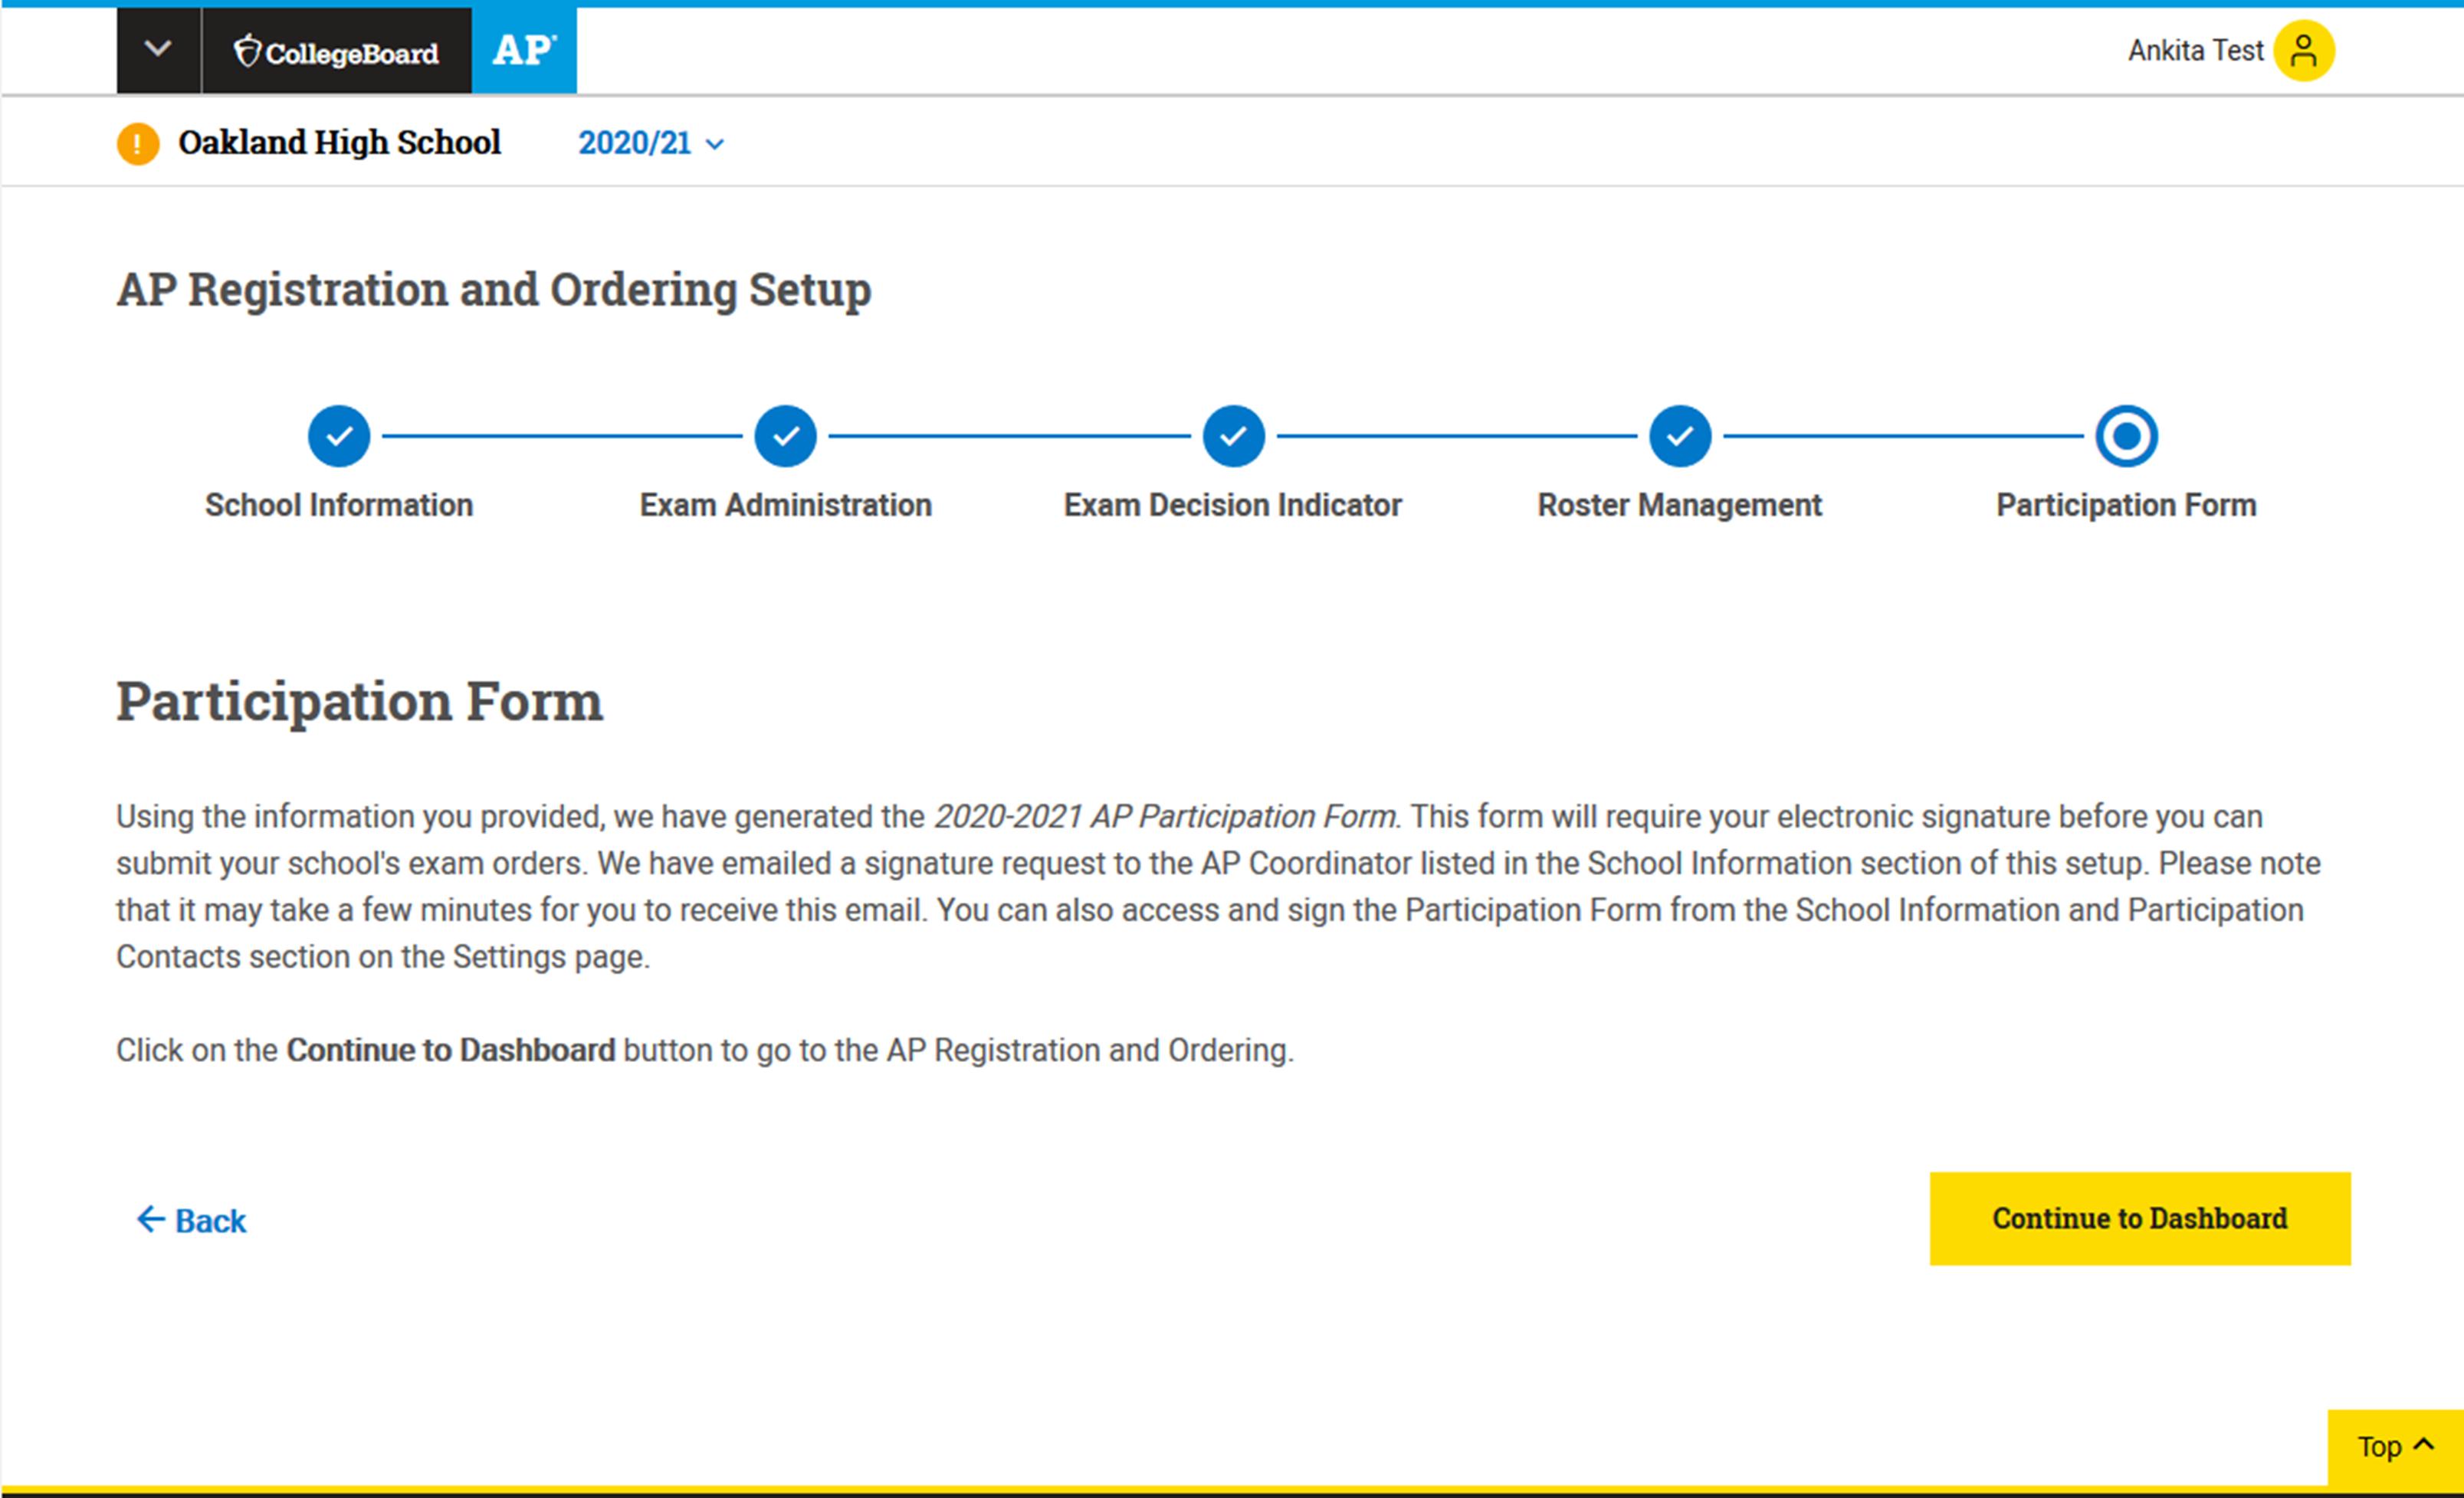 AP Registration and Ordering Setup Form